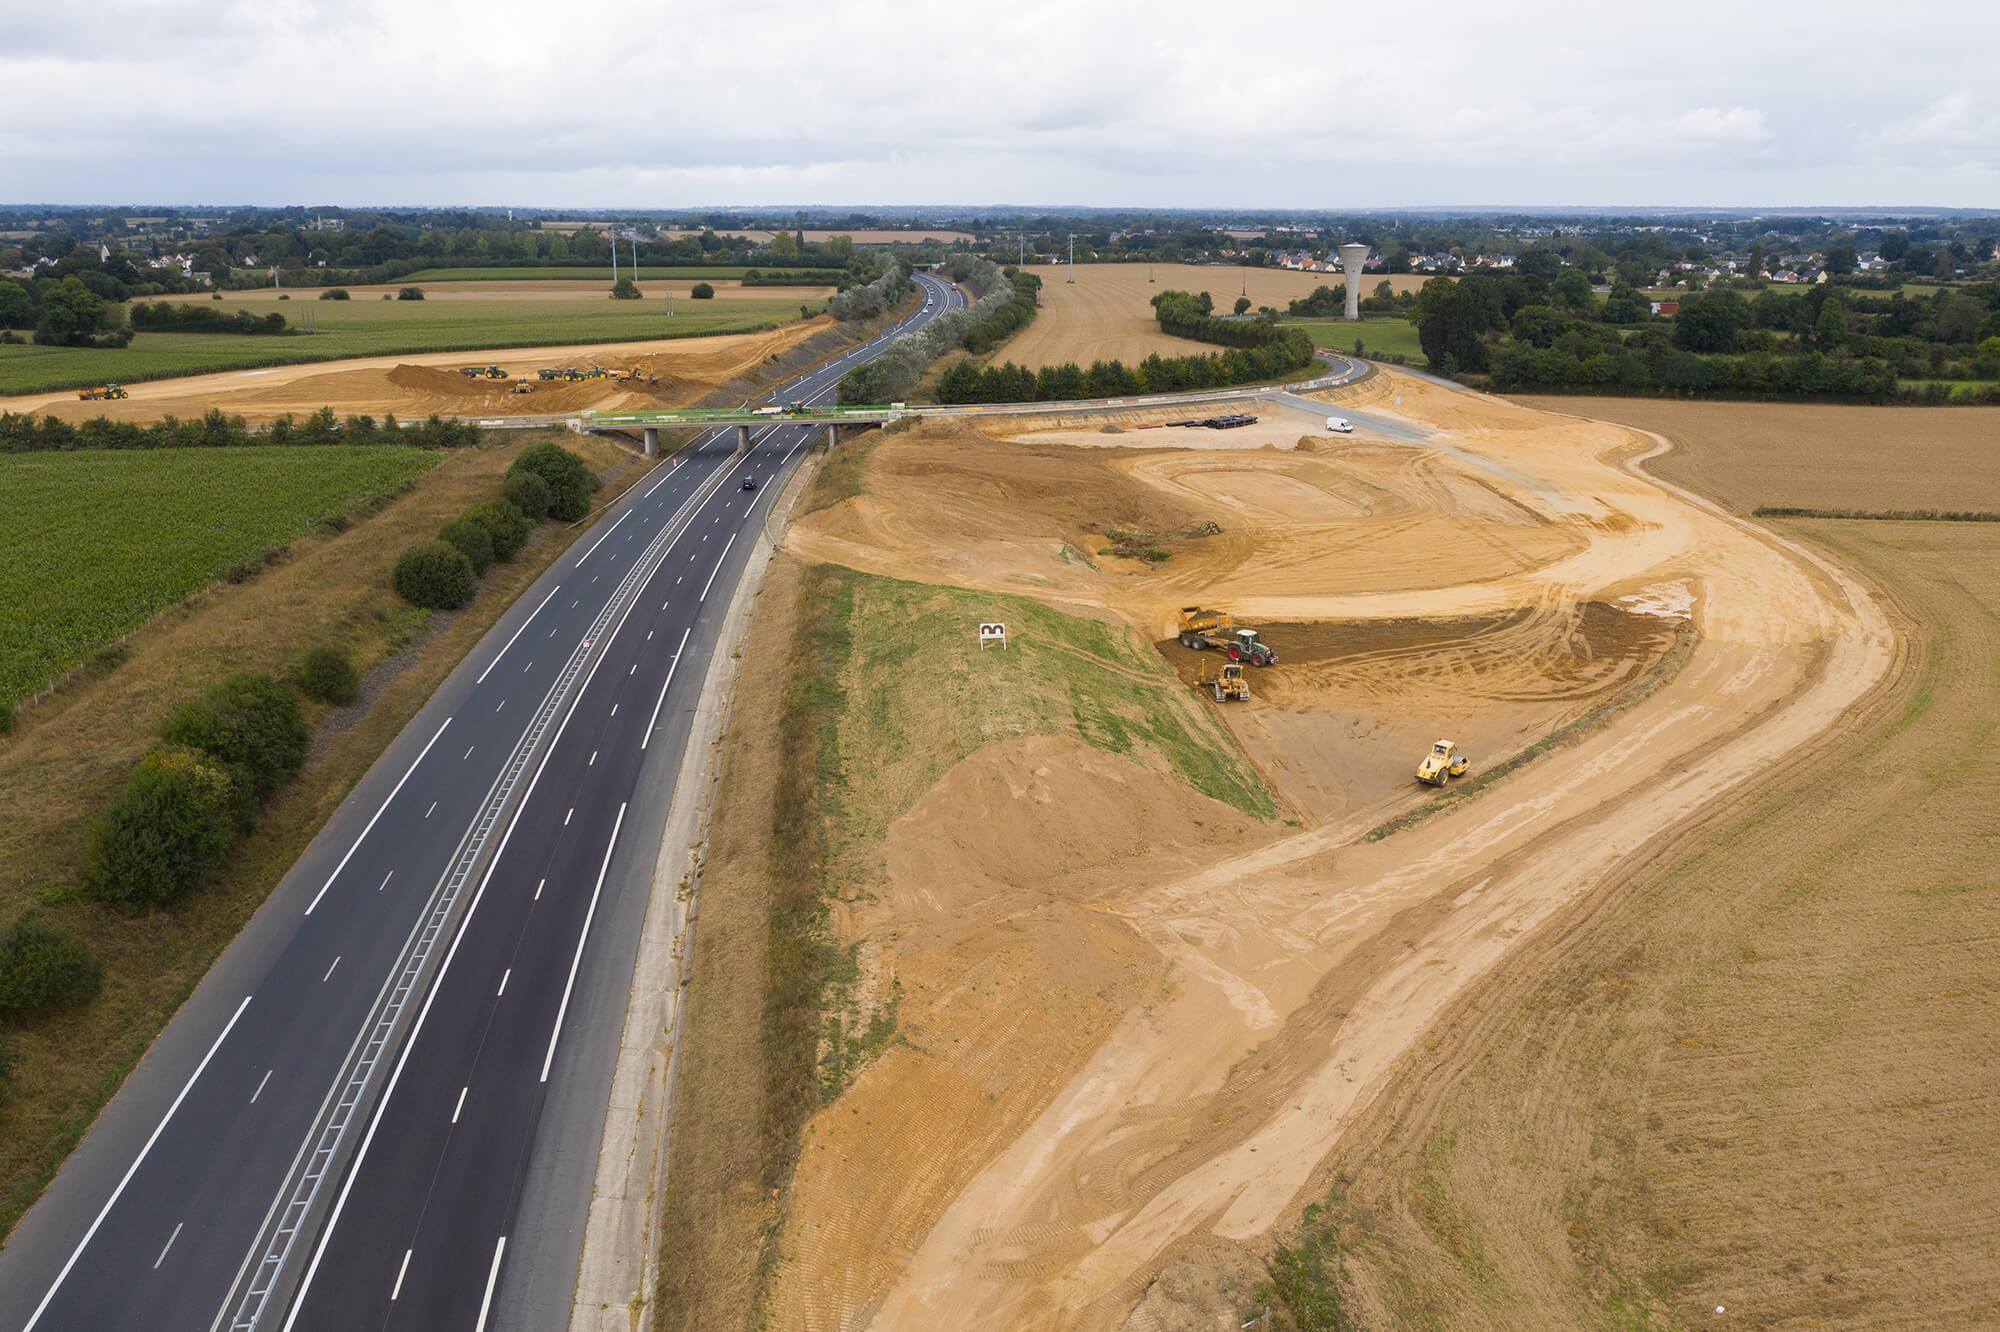 Mastell chantier Monceaux en Bessin sept 2019 (6)